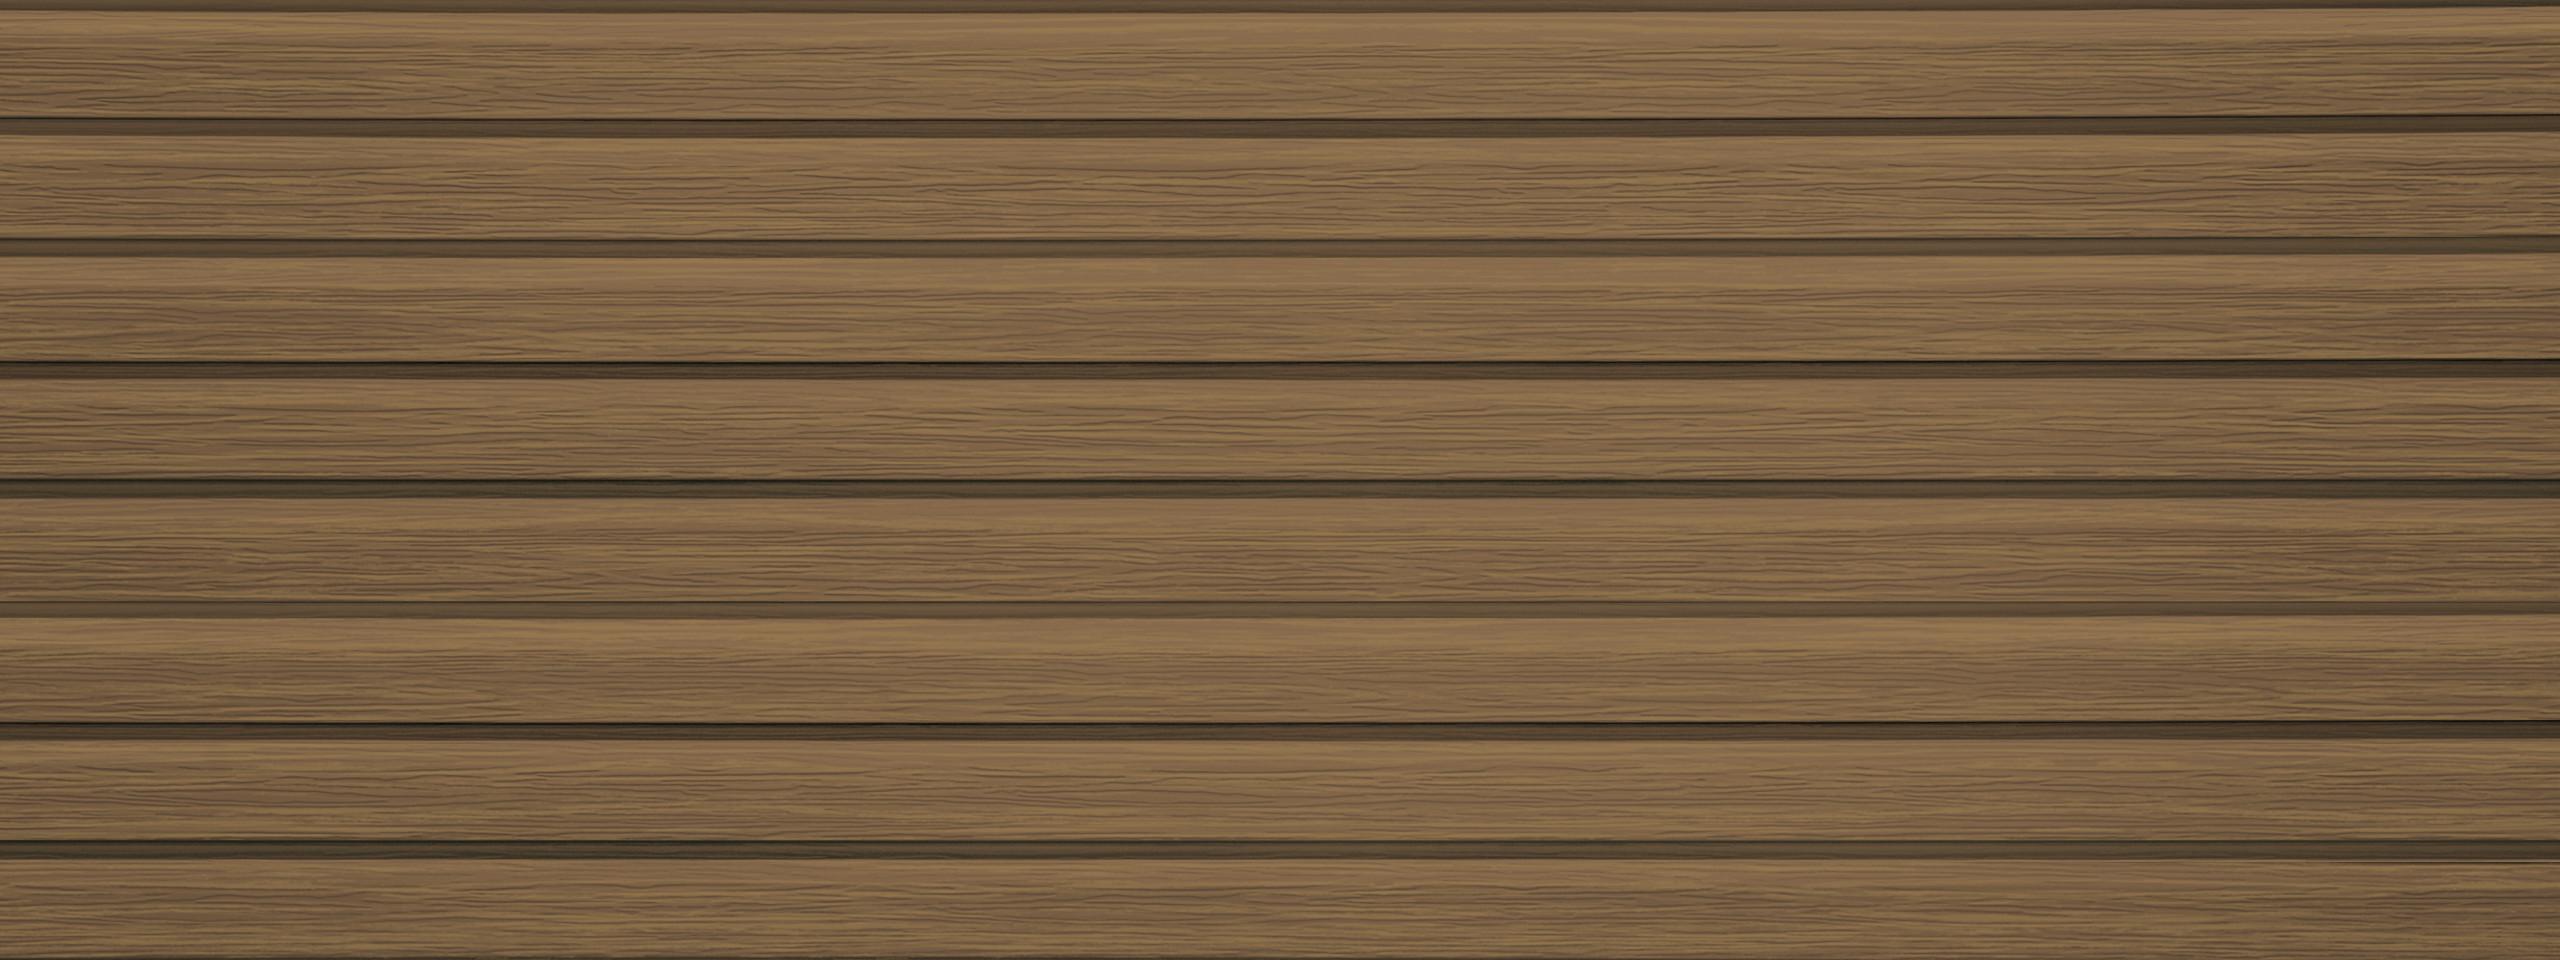 Entex dutchlap cedarwood hd steel siding